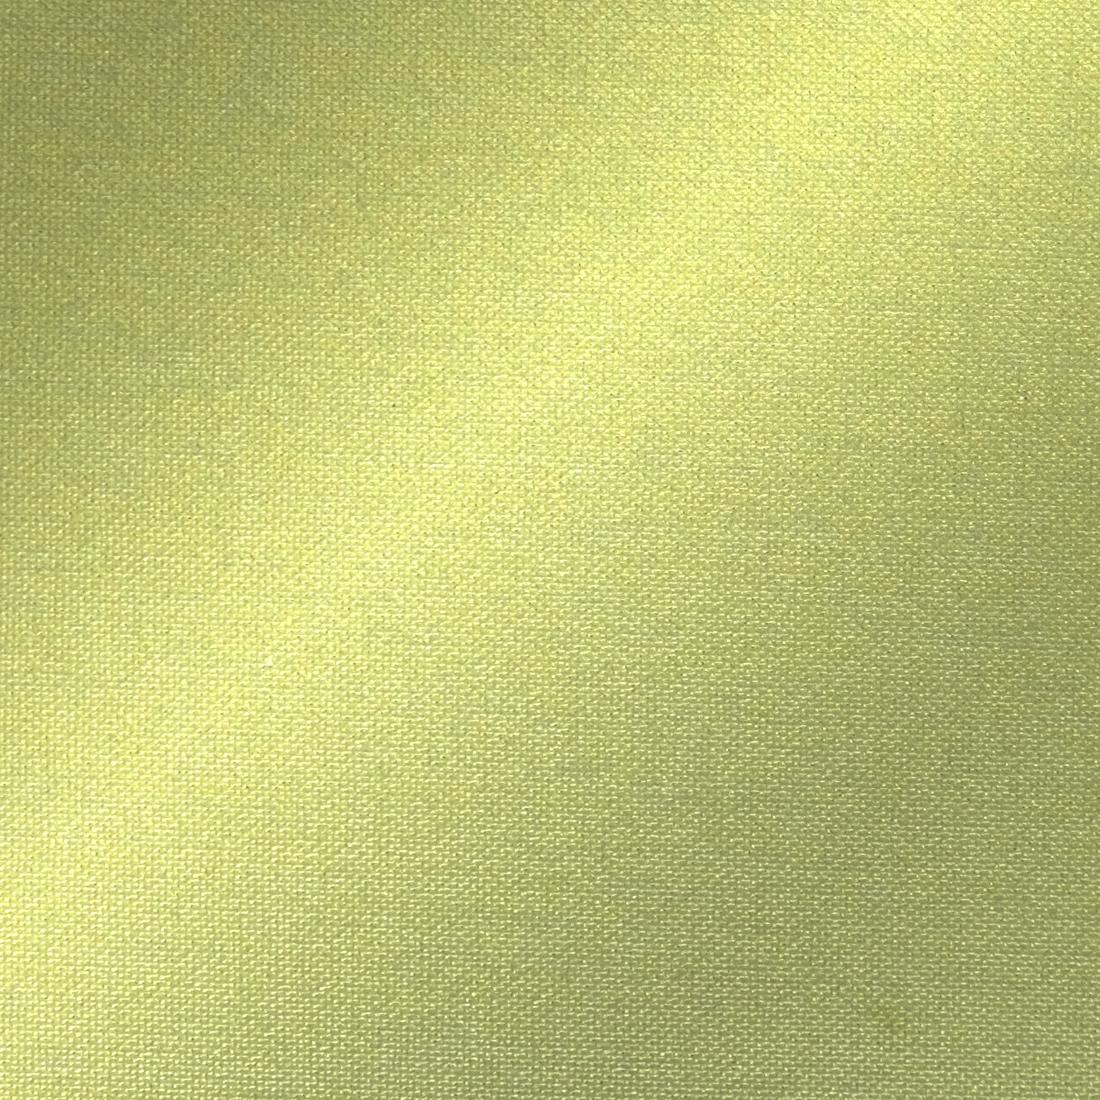 670_051C_Goldgrun